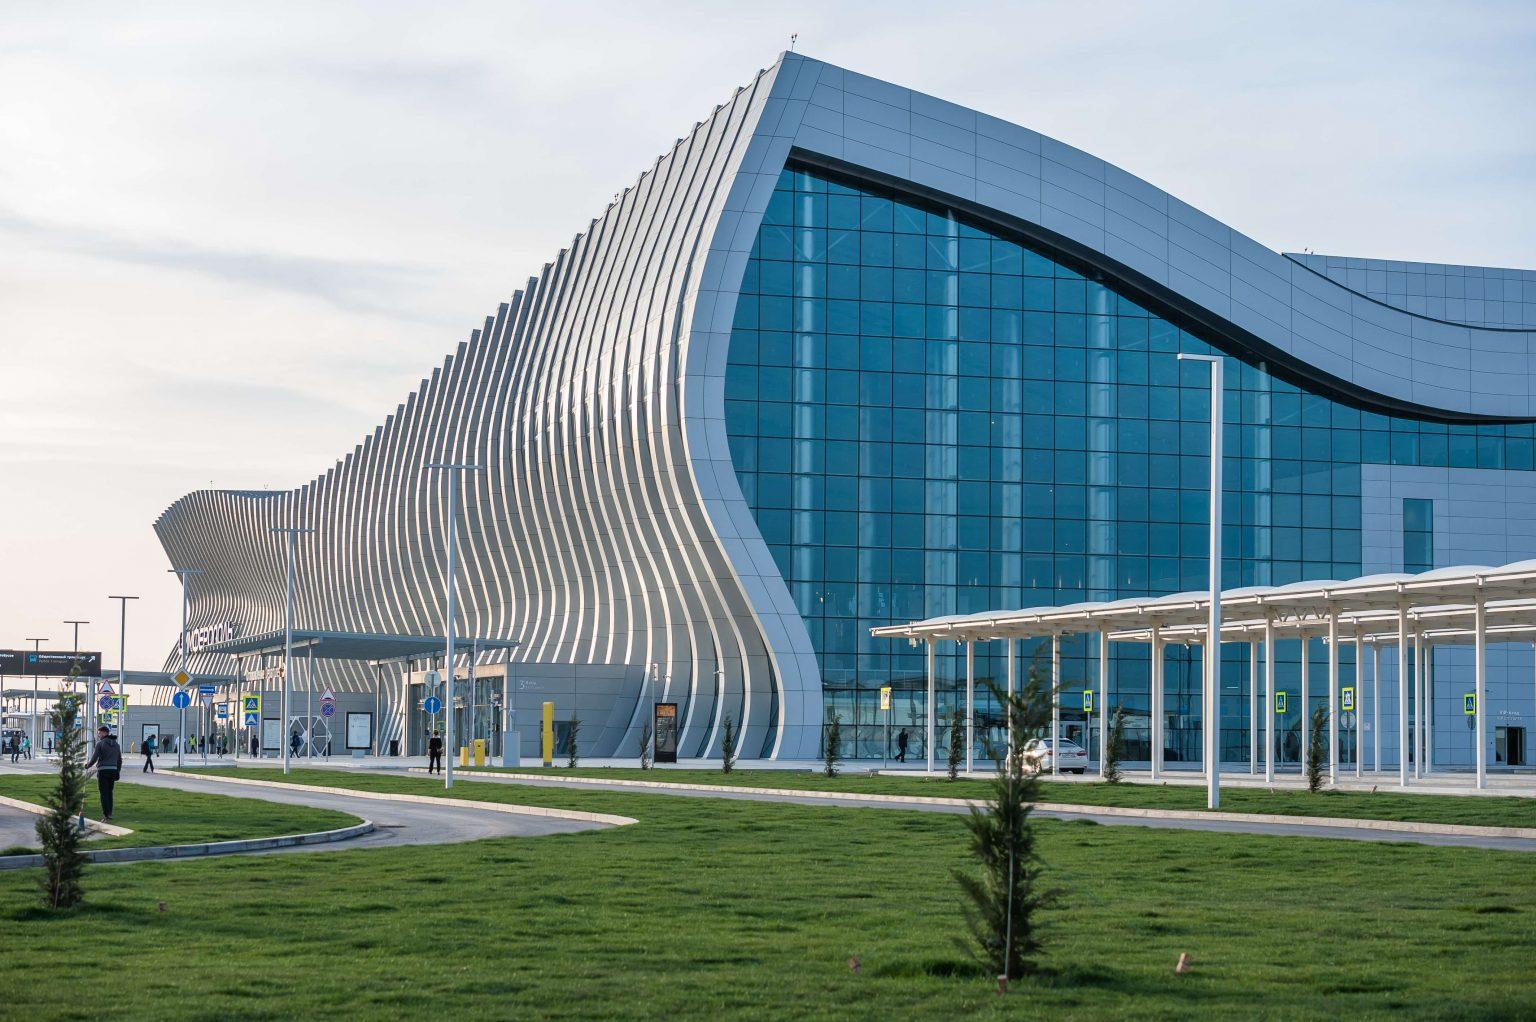 Новый рекорд: аэропорт Симферополь впервые обслужил 5 млн пассажиров до окончания лета